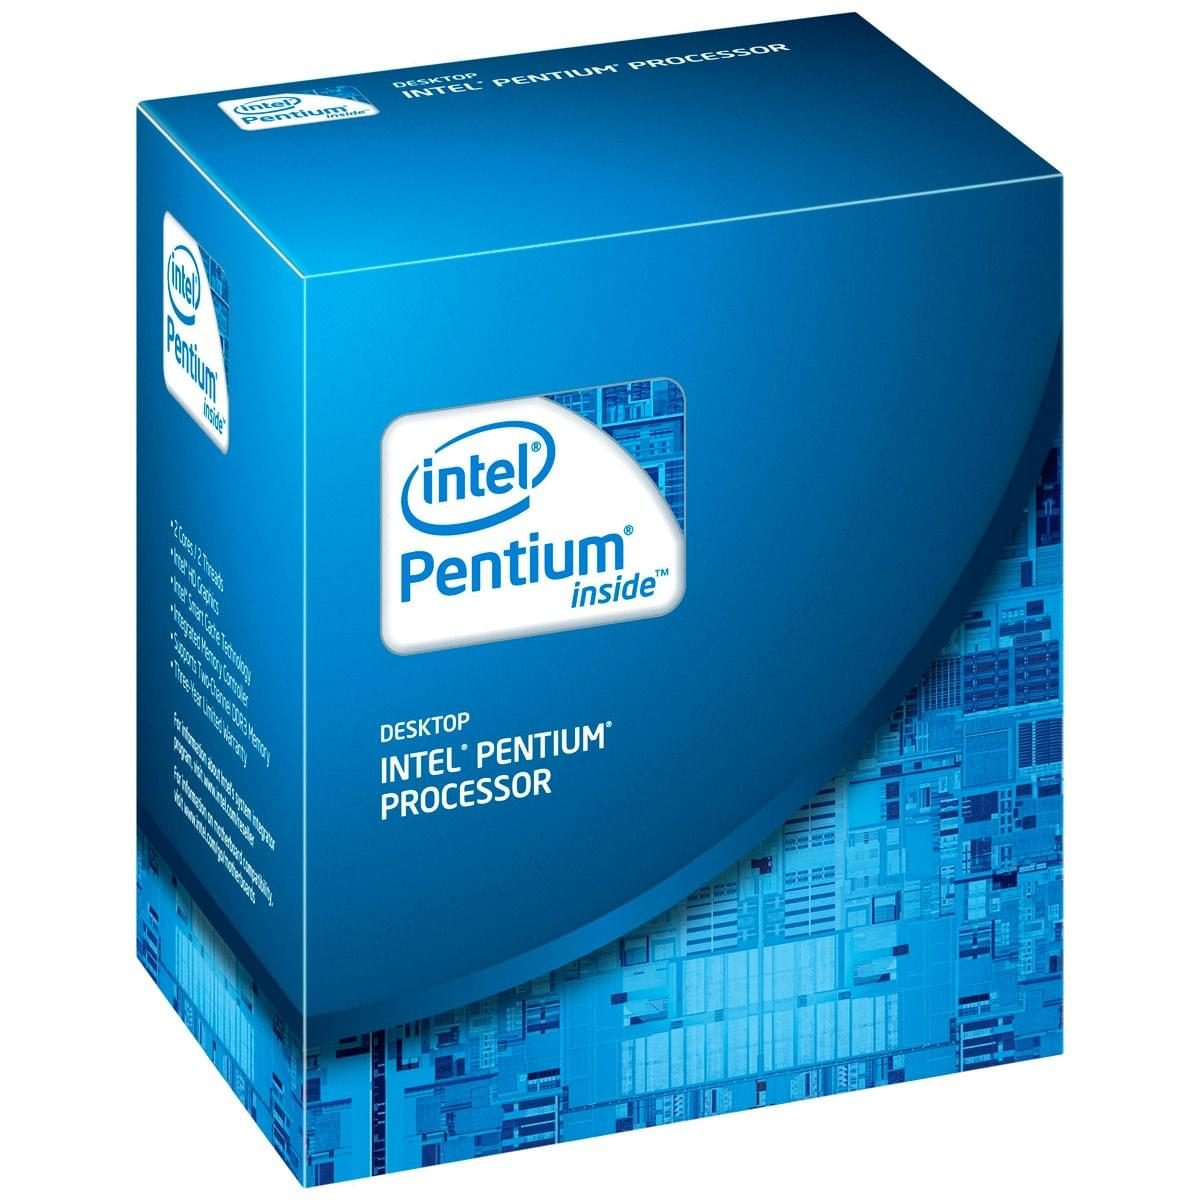 Processeur Intel Pentium Dual-Core G630T - 2.3GHz -  - 0